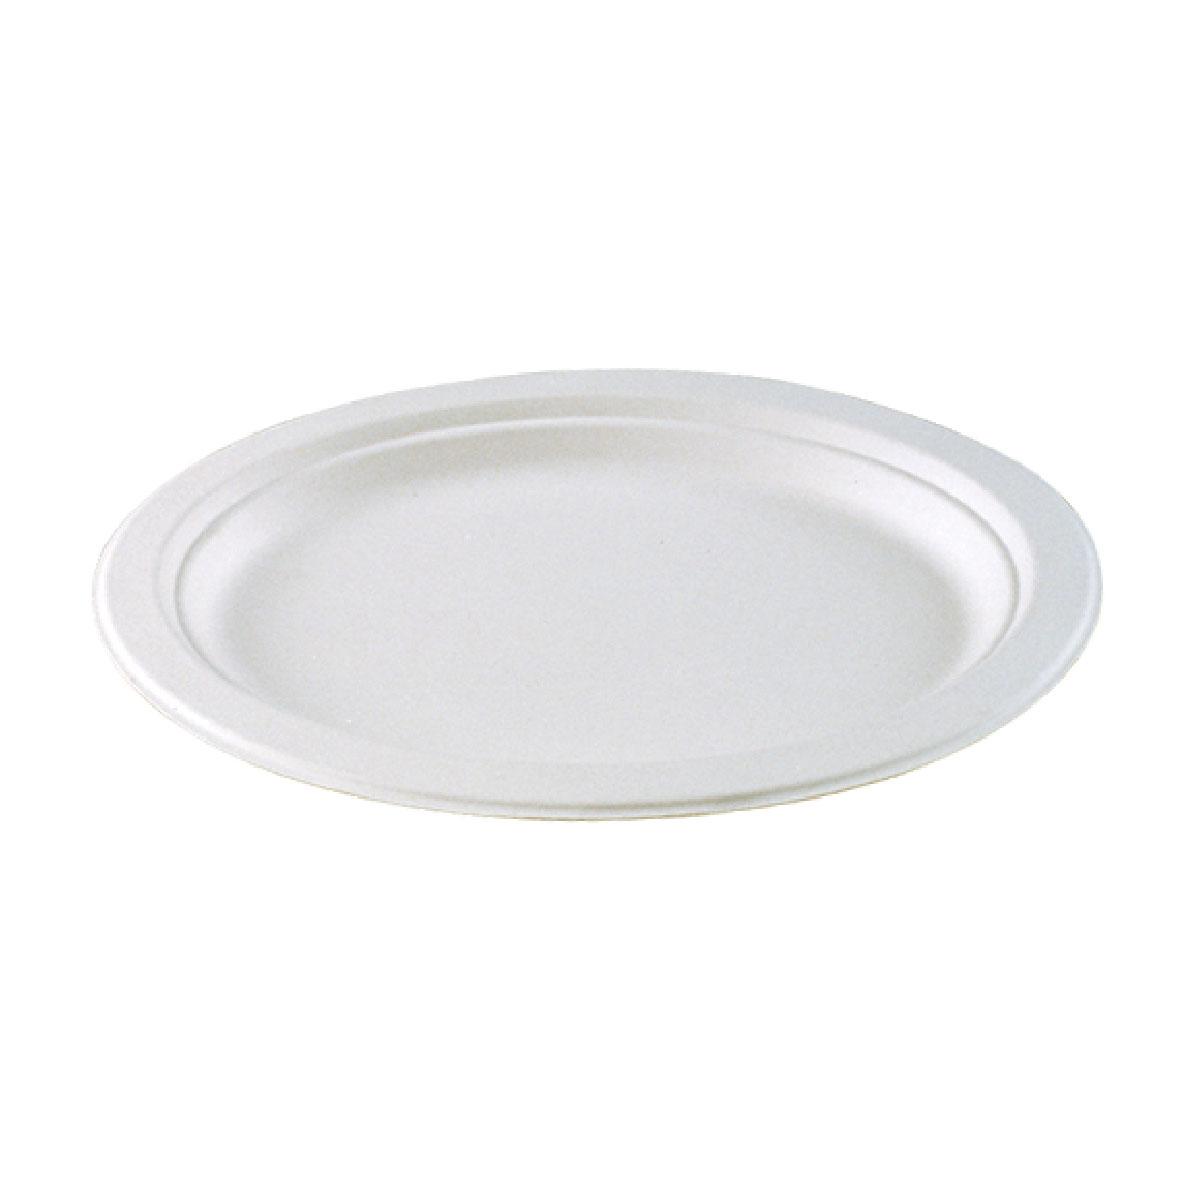 Набор овальных блюд Gracs, биоразлагаемых, цвет: белый, 31,5 х 21,5 см, 10 штTF-14AU-12Набор Gracs состоит из 10 овальных блюд, выполненных из экологически чистого материала - сахарного тростника. Материал не содержит токсинов и канцерогенов. Набор Gracs можно использовать как для холодных, так и для горячих продуктов.Набор можно использовать в микроволновой печи.Одноразовая биоразлагаемая посуда Gracs- полезно для здоровья, безопасно для окружающей среды!Размер блюда: 31,5 см x 21,5 см x 2 см.